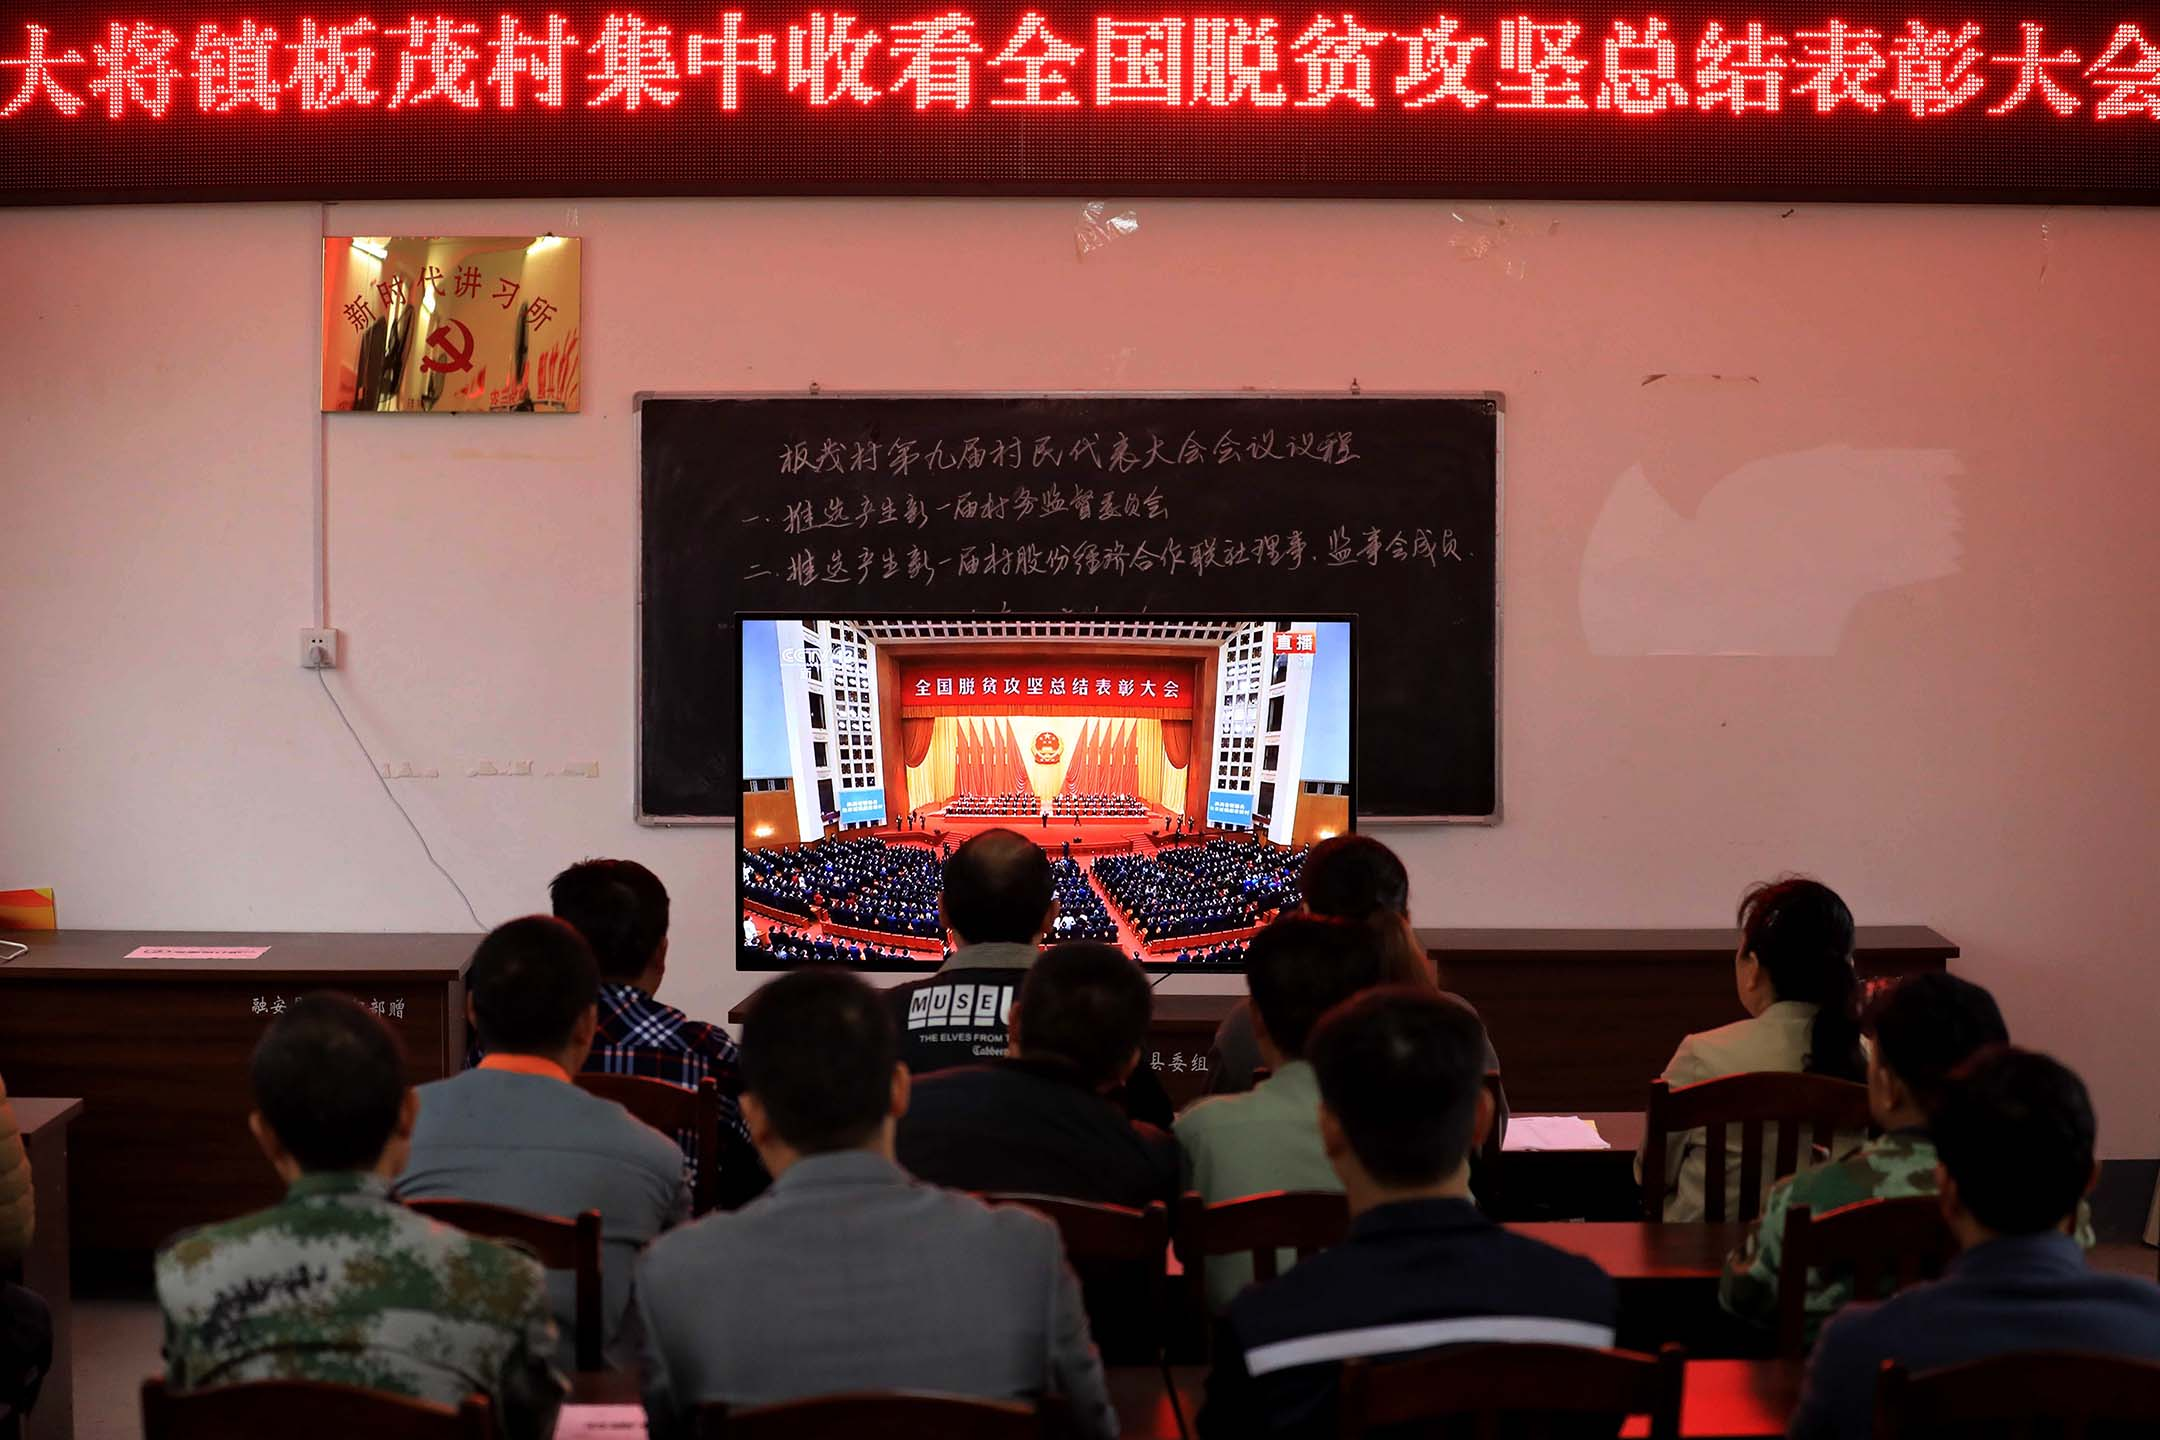 2021年2月25日中國柳州,中國共產黨成員觀看電視屏幕播放人民大會堂舉行的「全國脱貧攻堅總結表彰大會」。